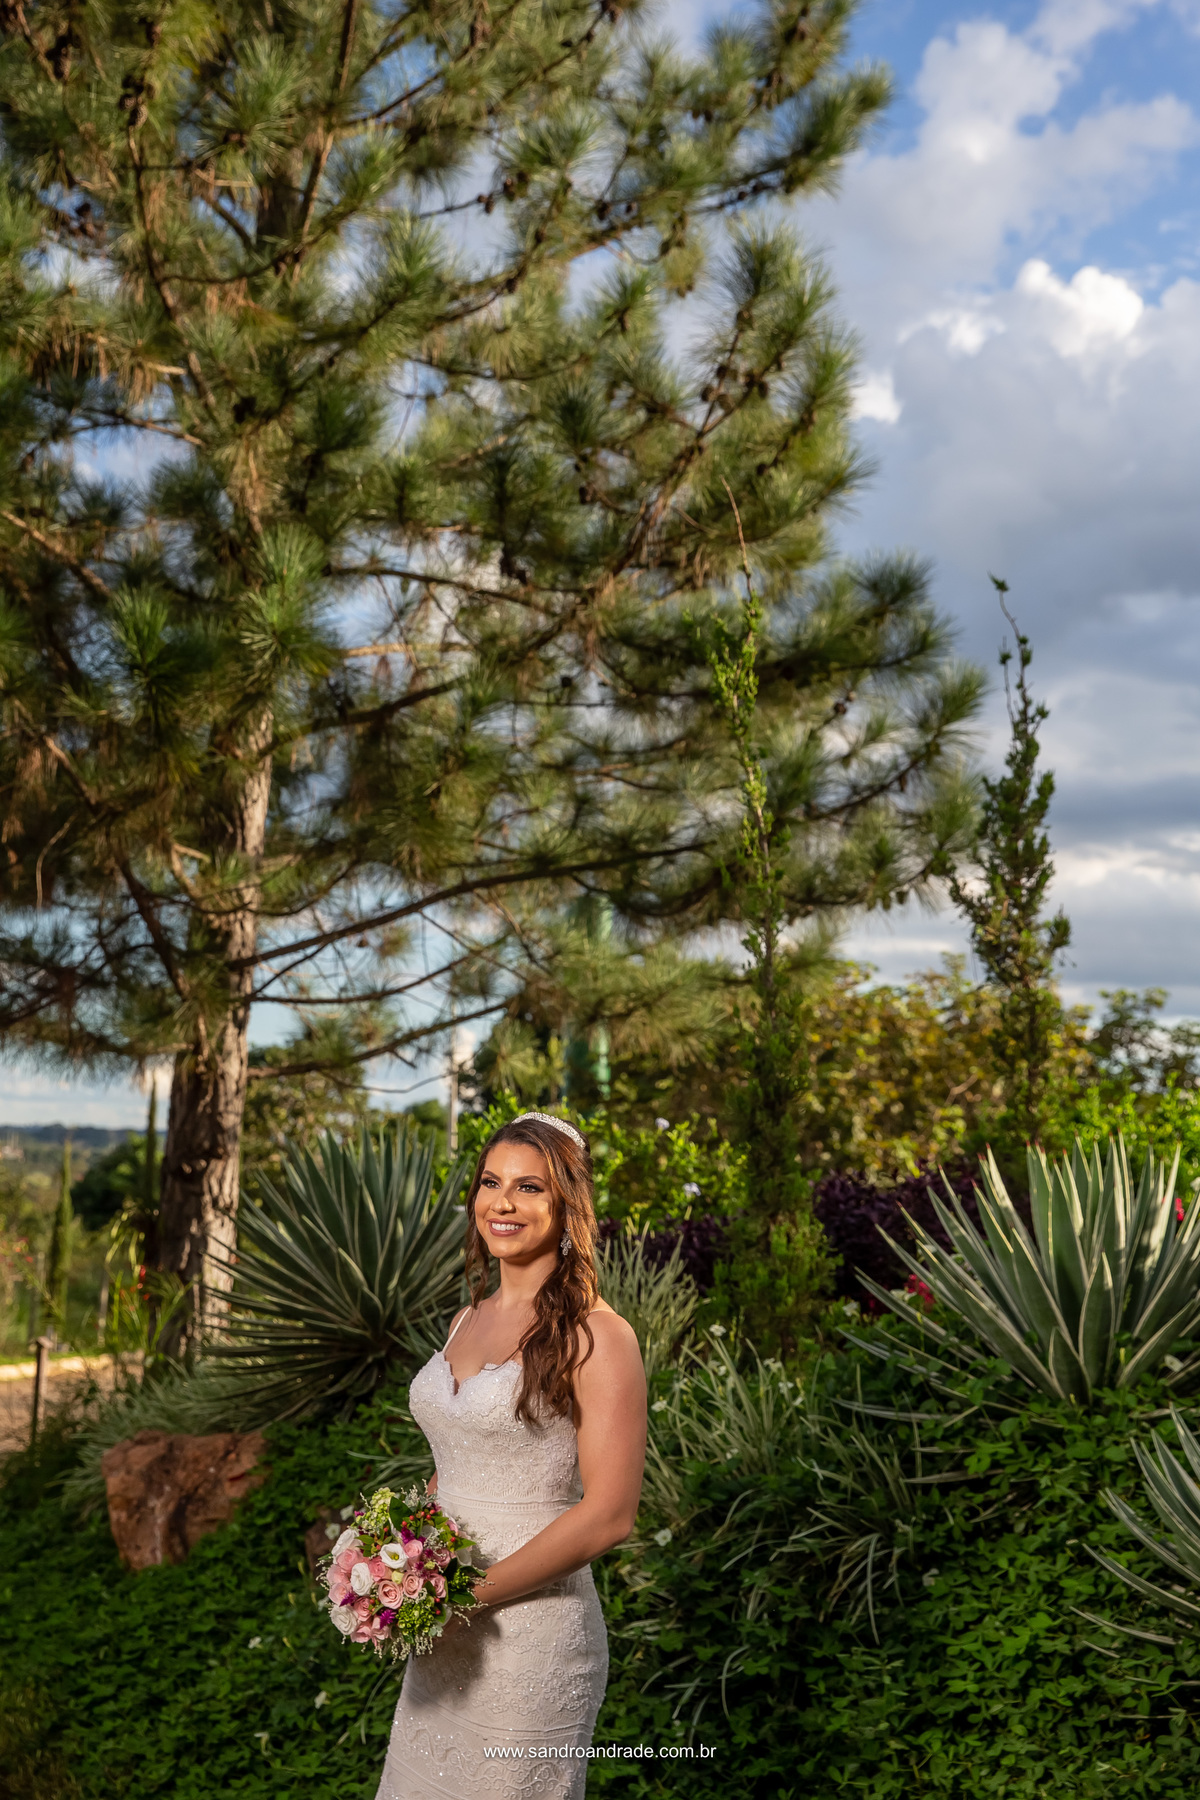 Mais um retrato da noiva, linda fotografia colorida, com uma luz linda de cabelo feita pelo sol, um belíssimo pinheiro ao fundo e um céu azul.